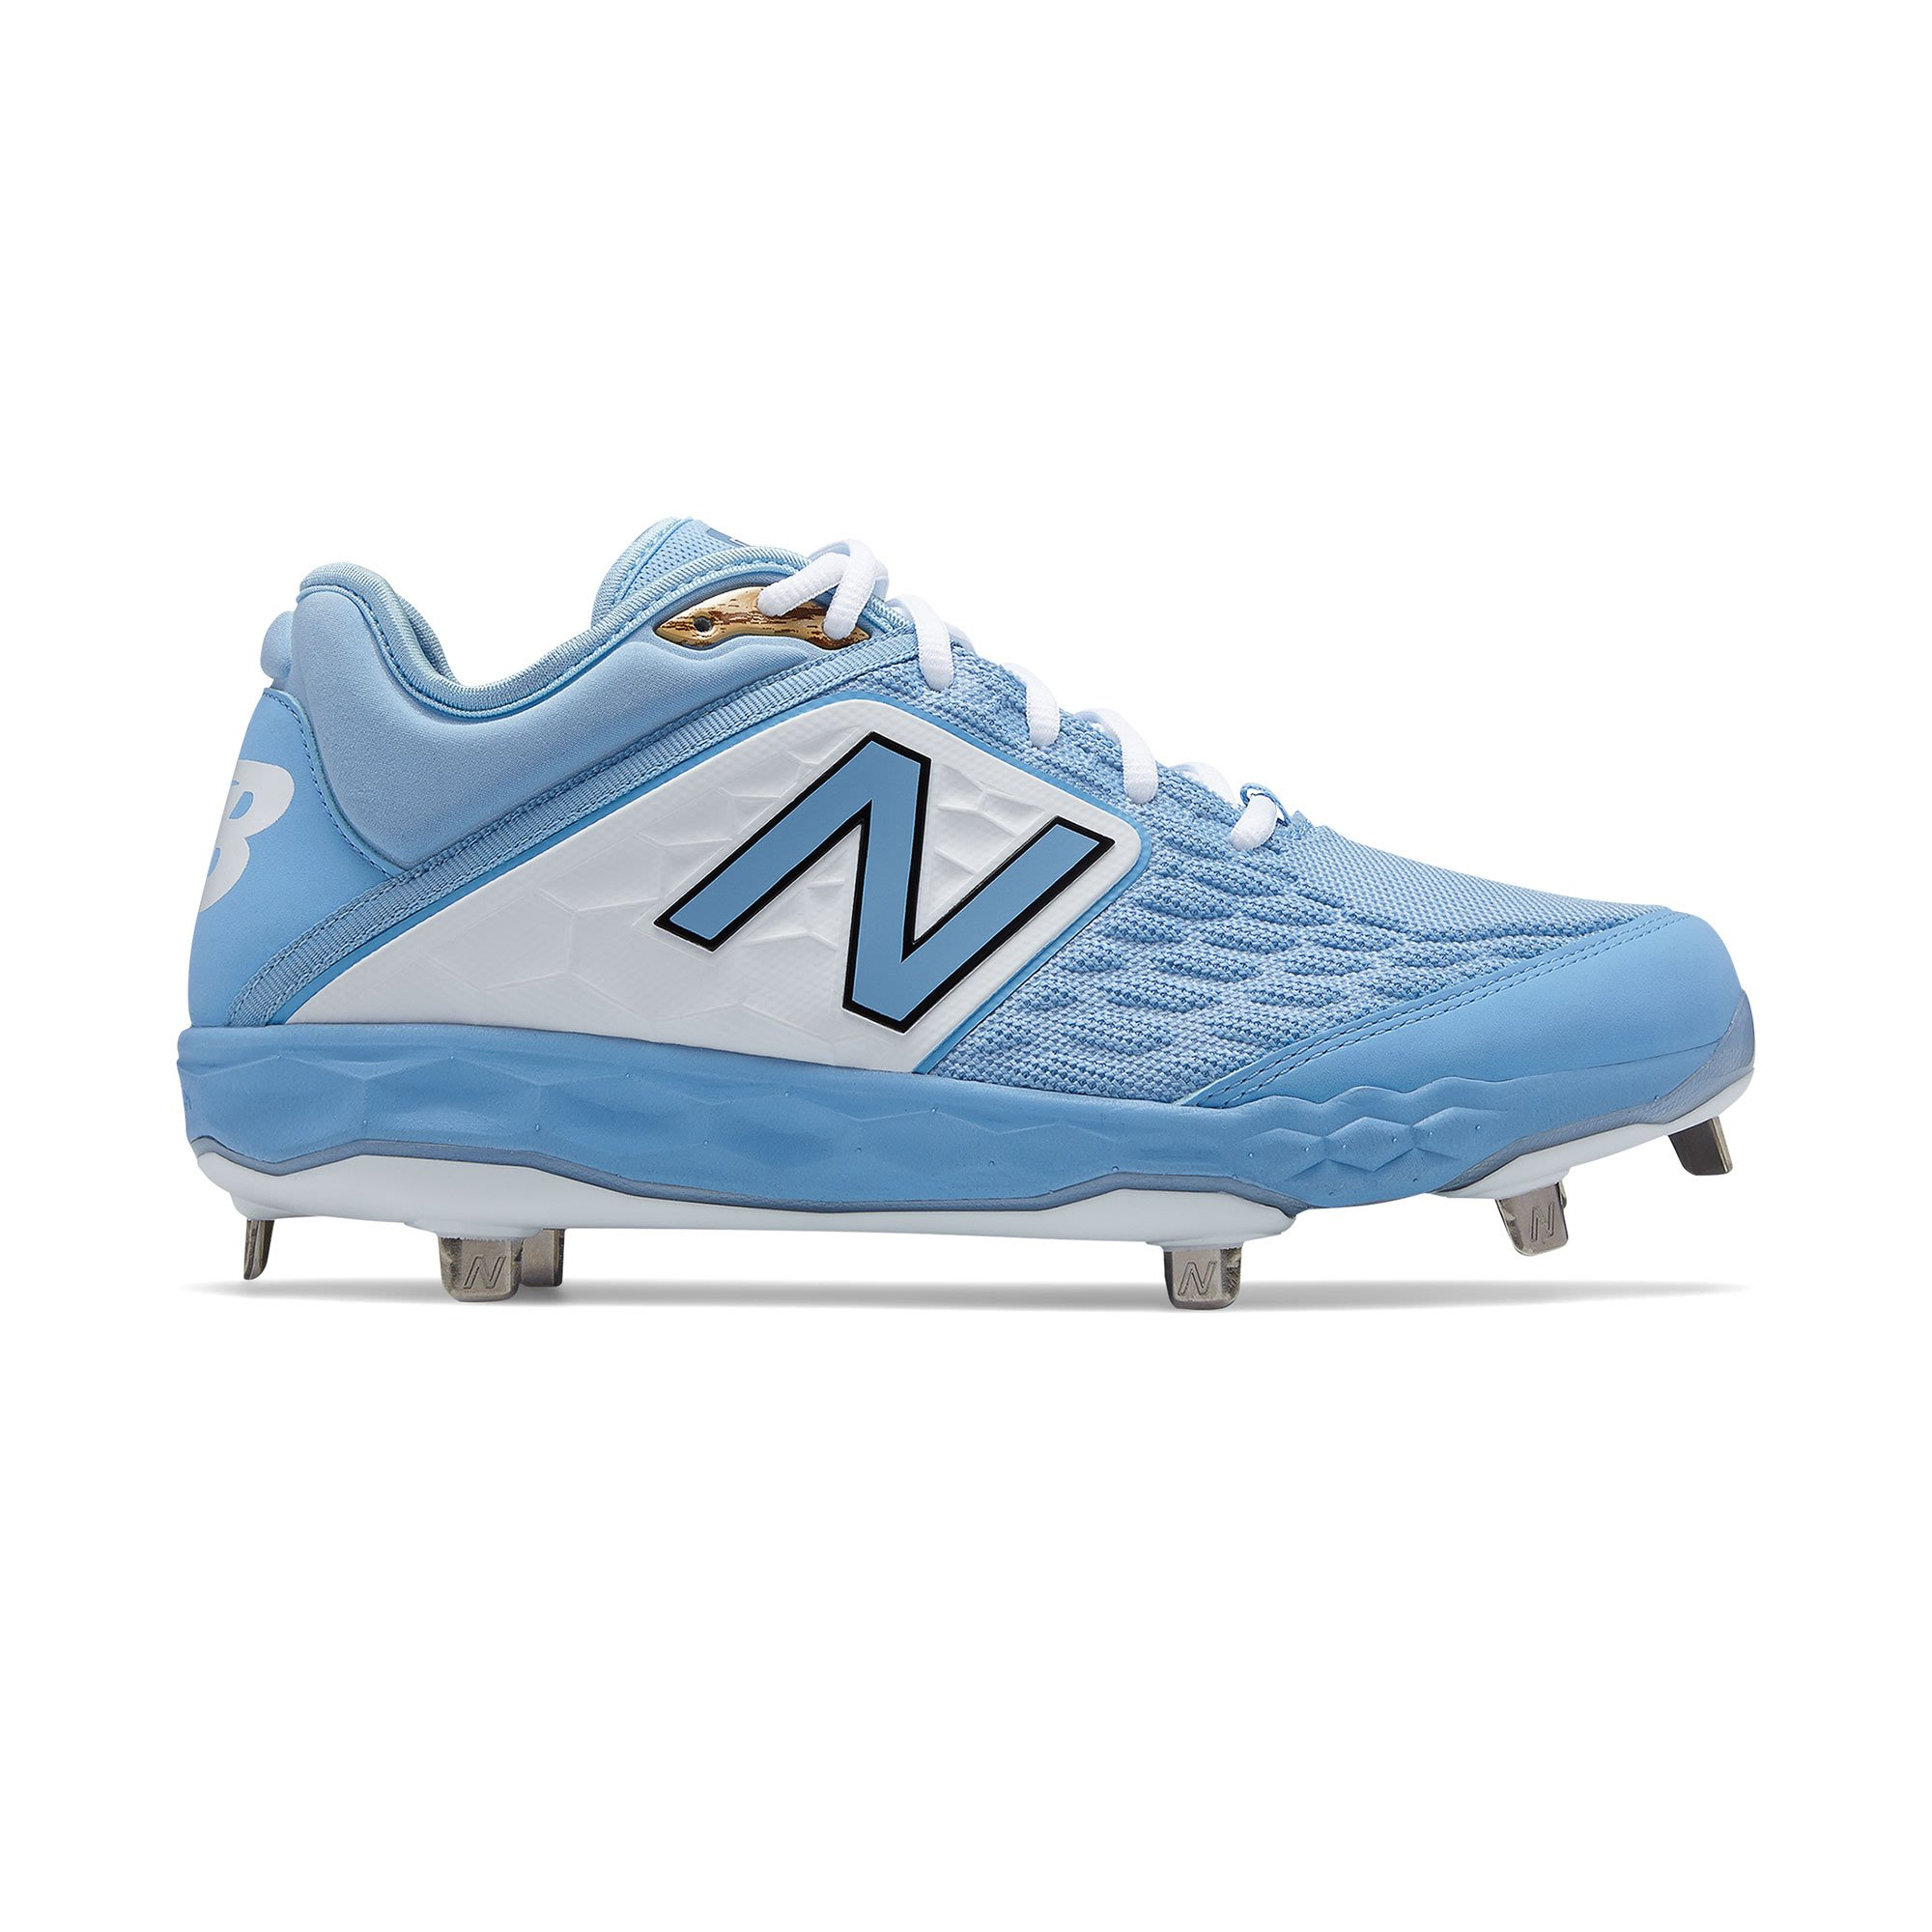 New Balance NB L3000SD4 2E 寬 棒壘球鞋 鐵釘 水藍白